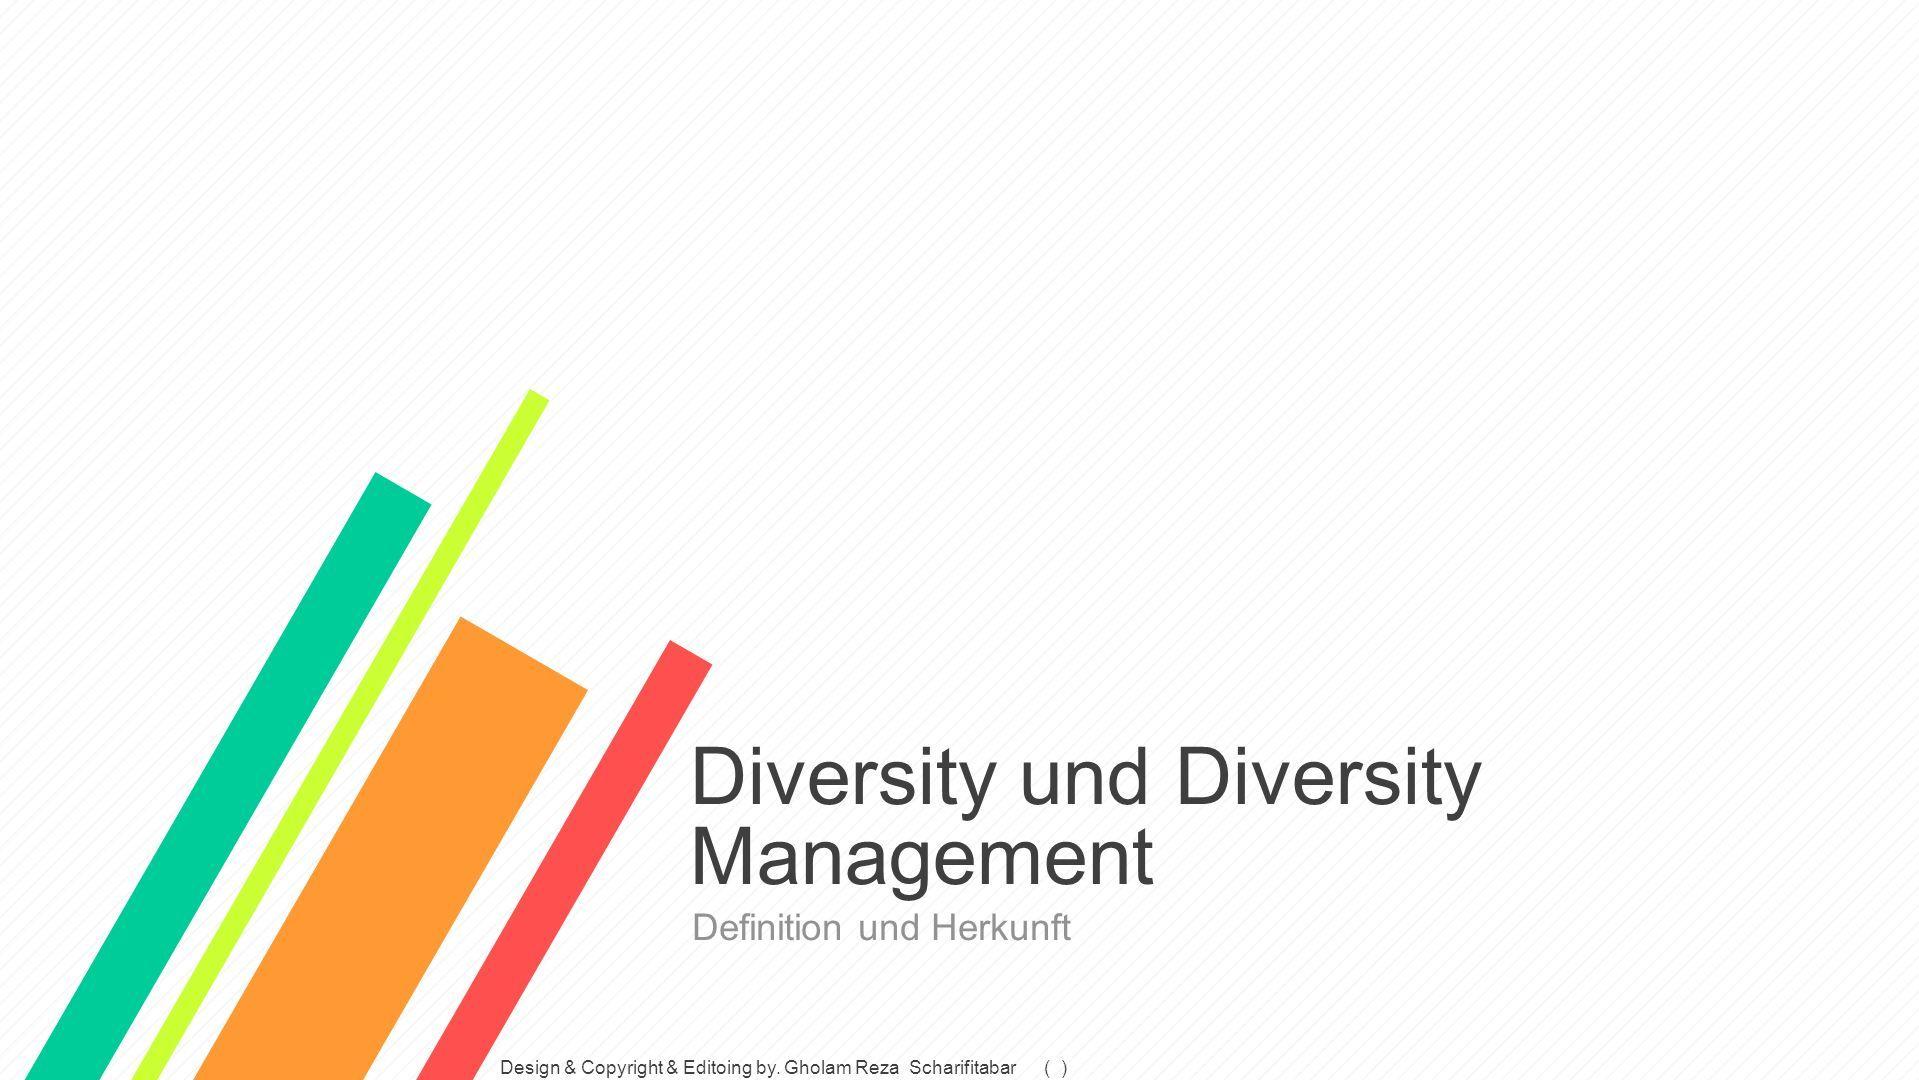 Diversity und Diversity Management Definition und Herkunft Design & Copyright & Editoing by.